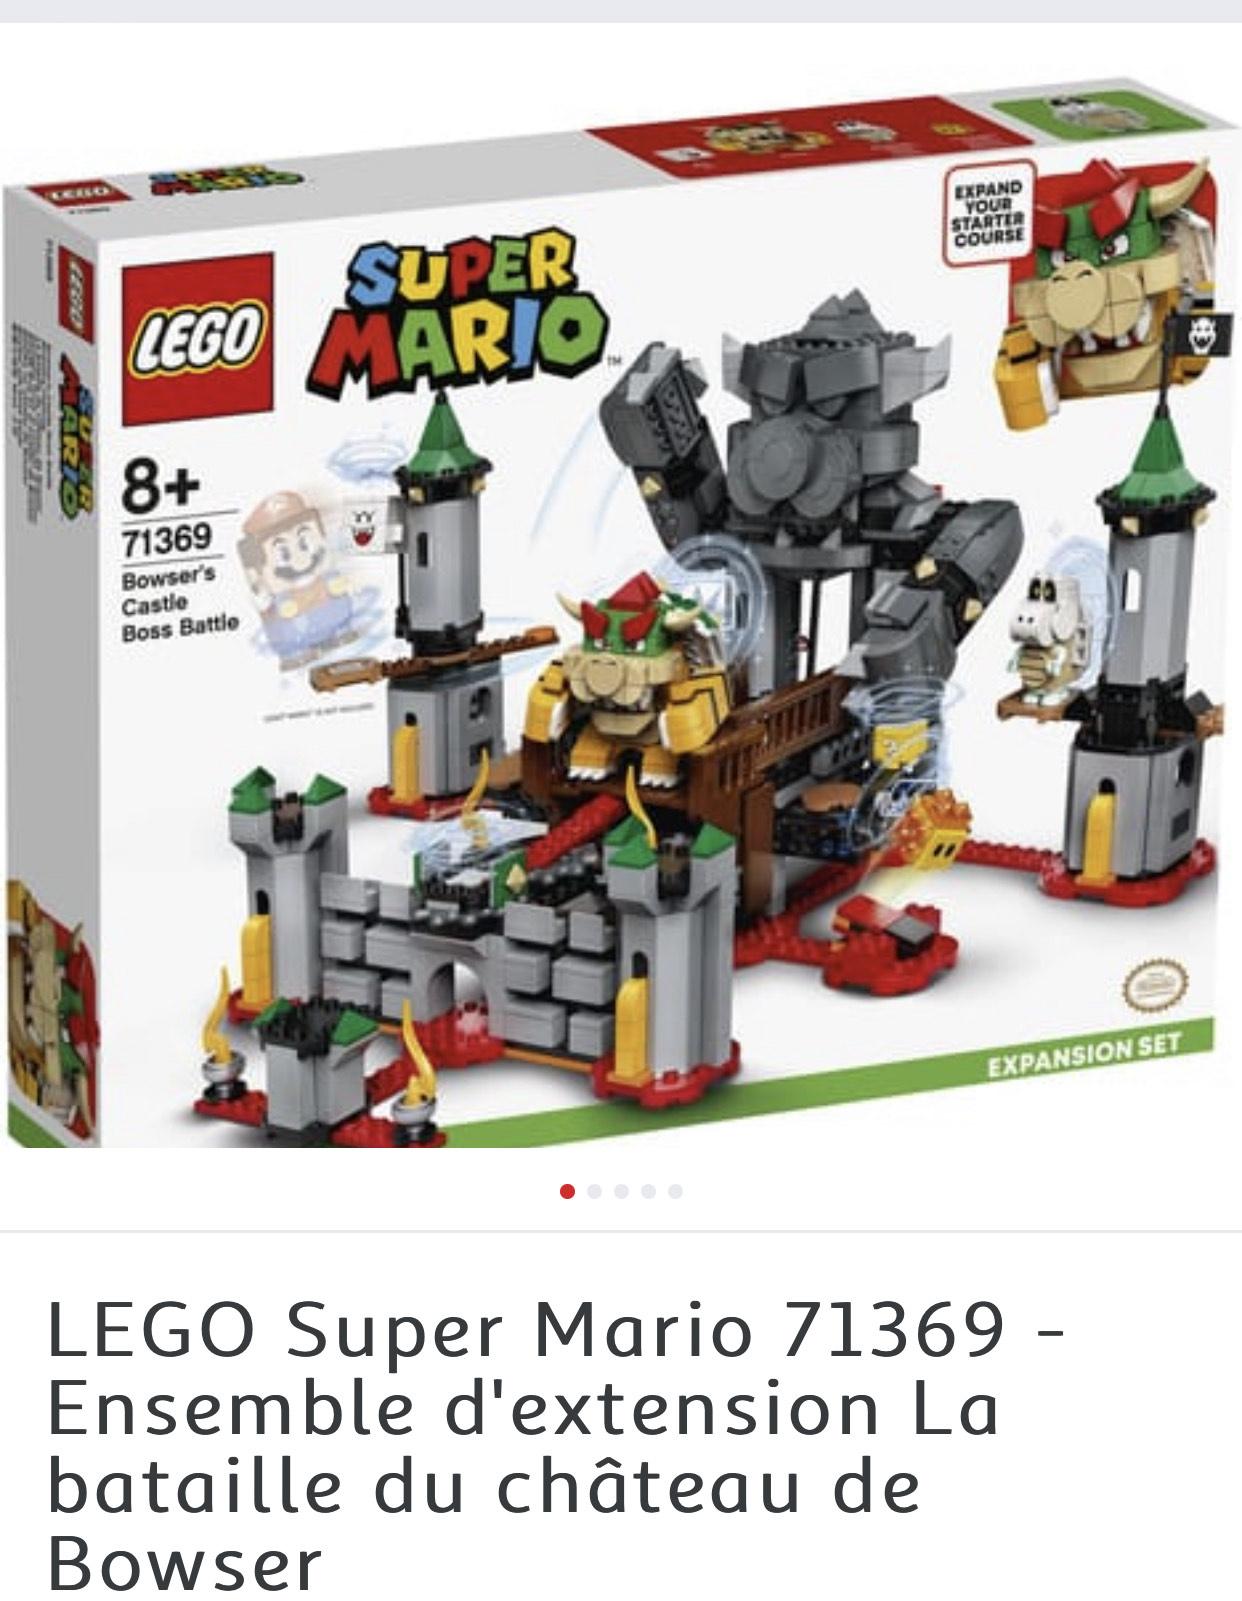 Lego Super Mario 71369 - Ensemble d'extension La bataille du château de Bowser